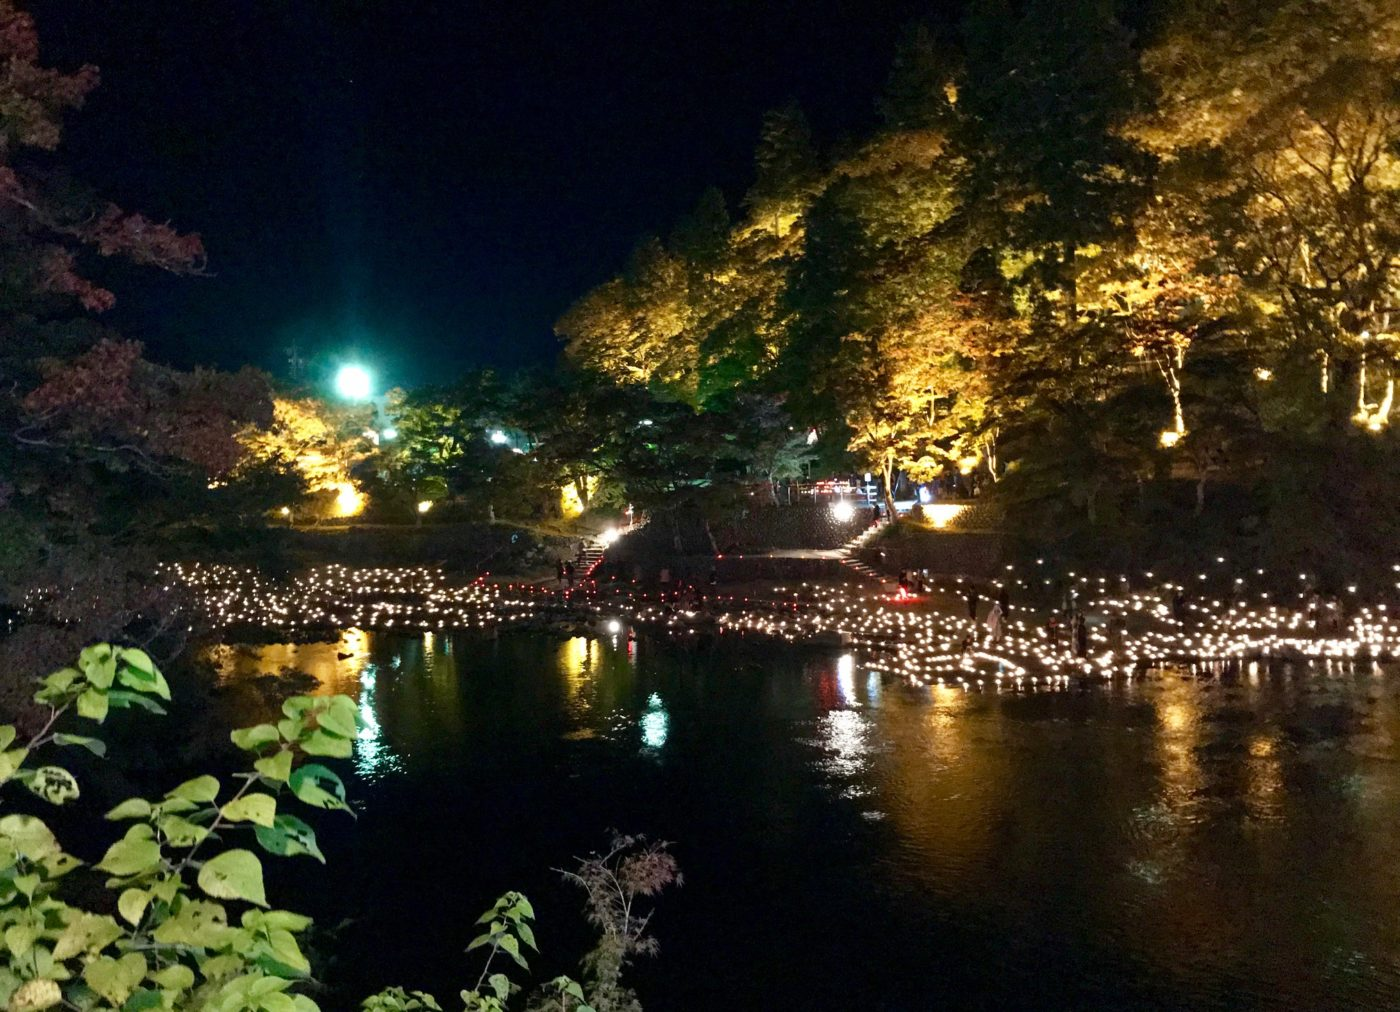 【トピックス】ビビットホームの見学会等イベント